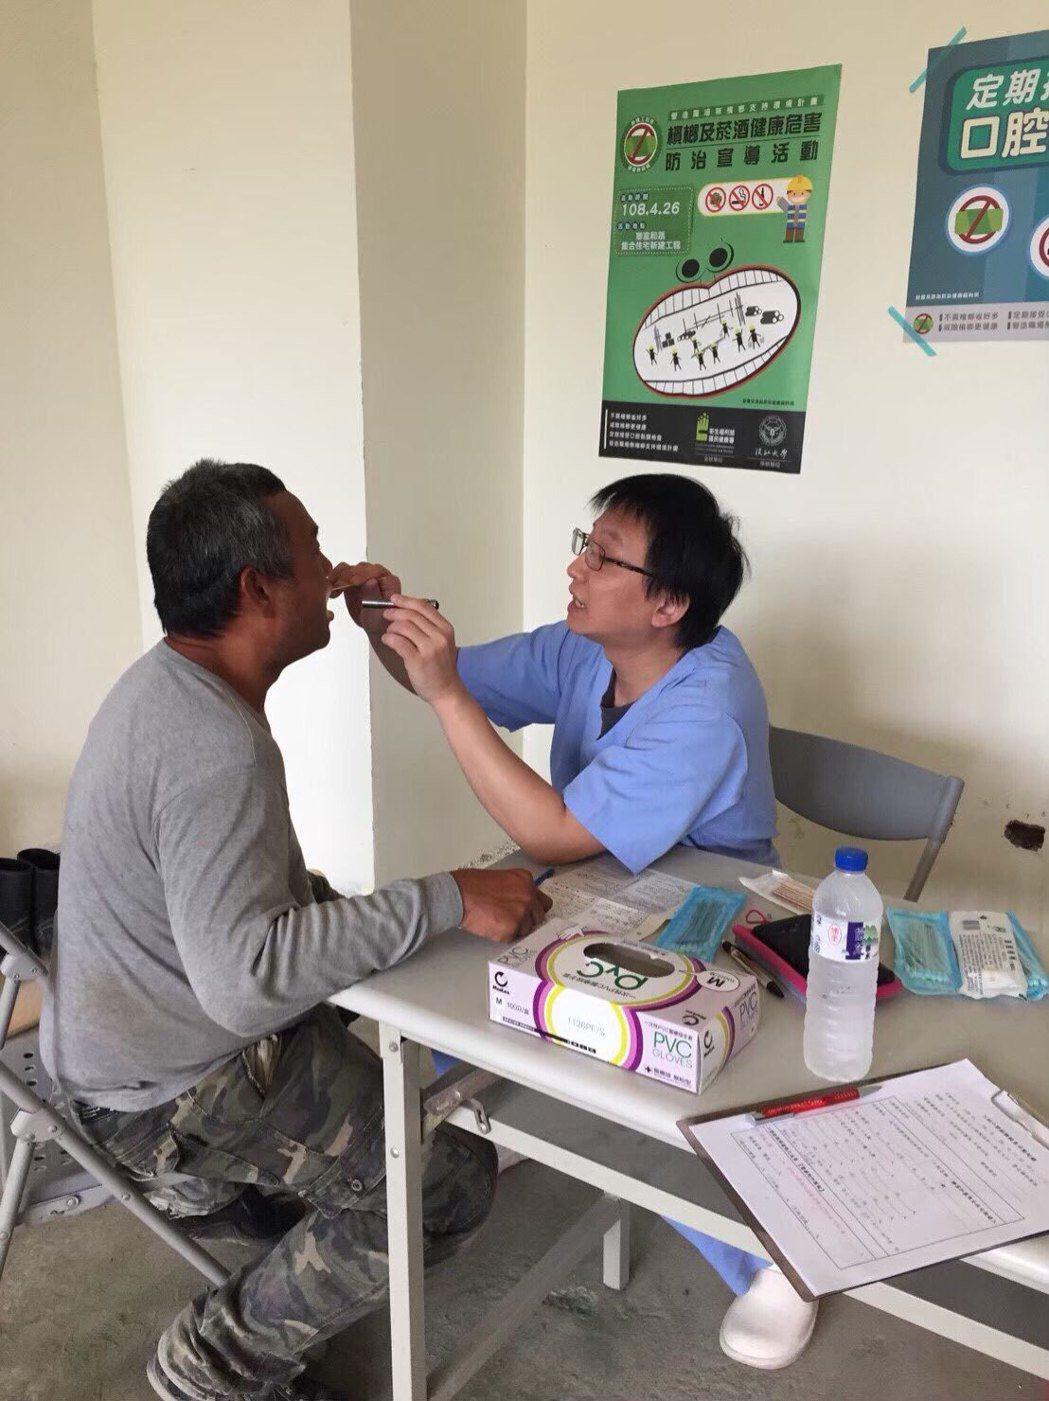 醫師吳伯彰(右)到工地為建築工人做口腔檢查。圖/澄清醫院中港院區提供